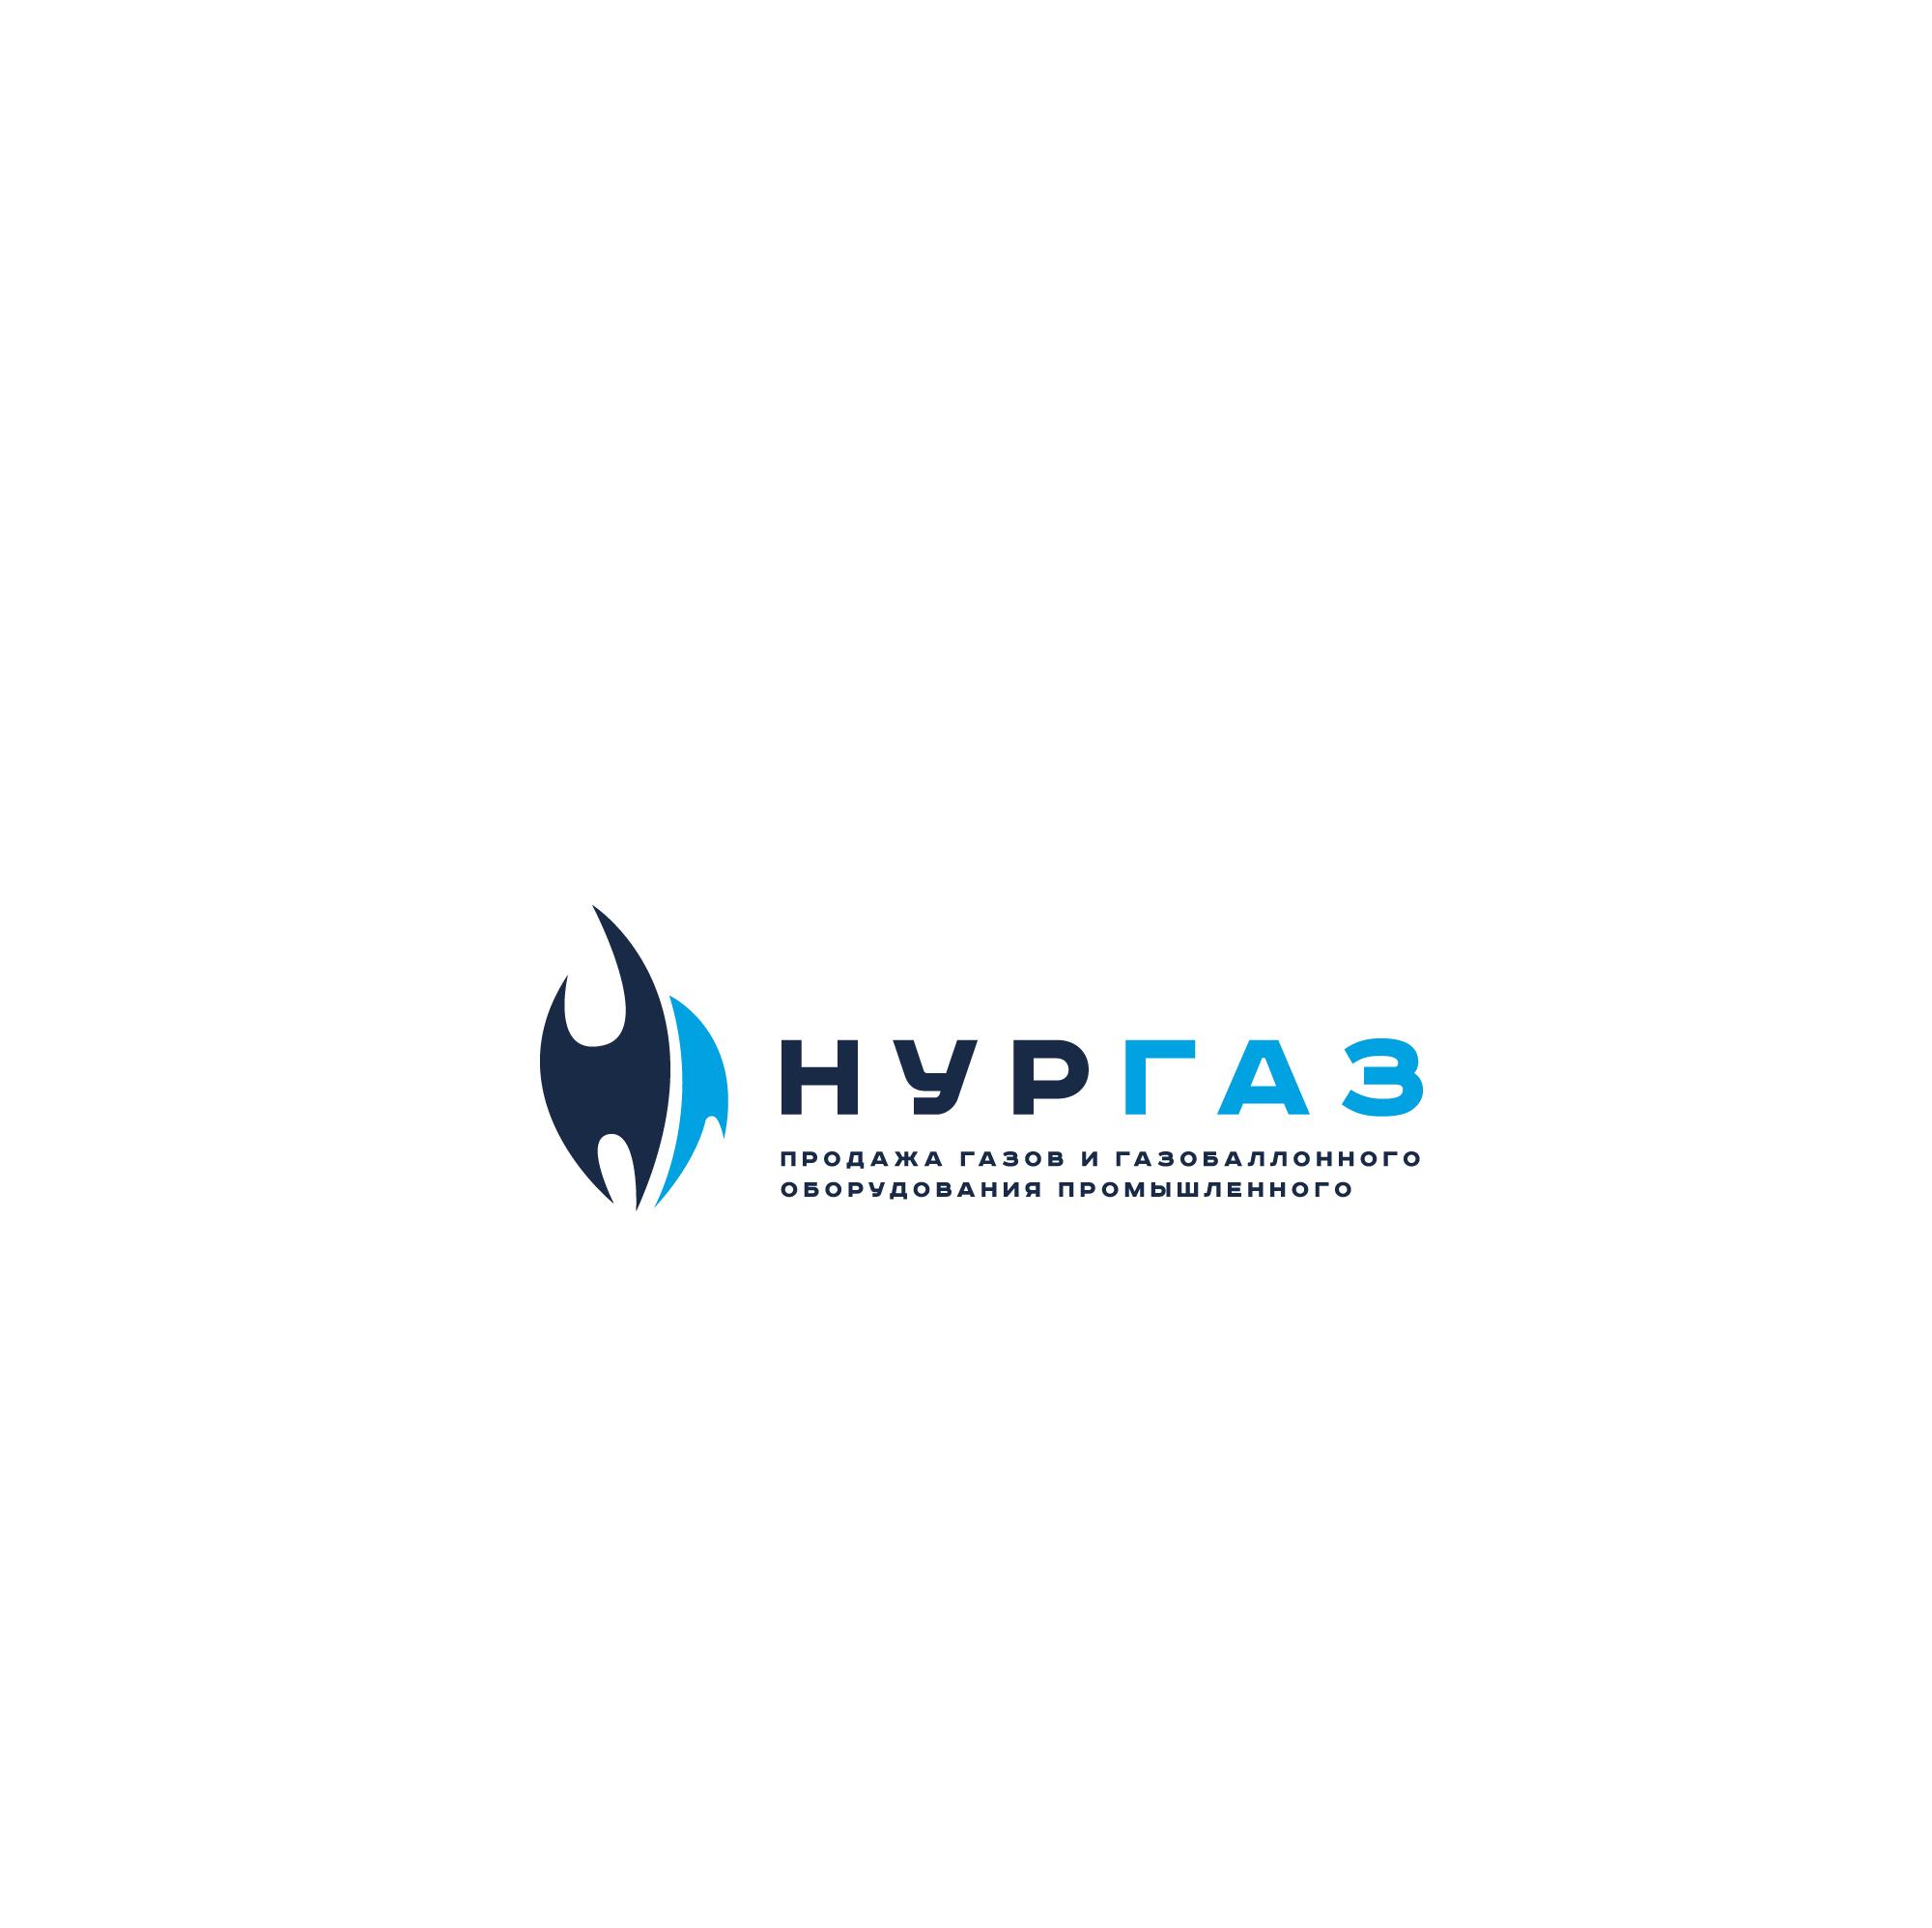 Разработка логотипа и фирменного стиля фото f_4165da5d2063193d.jpg